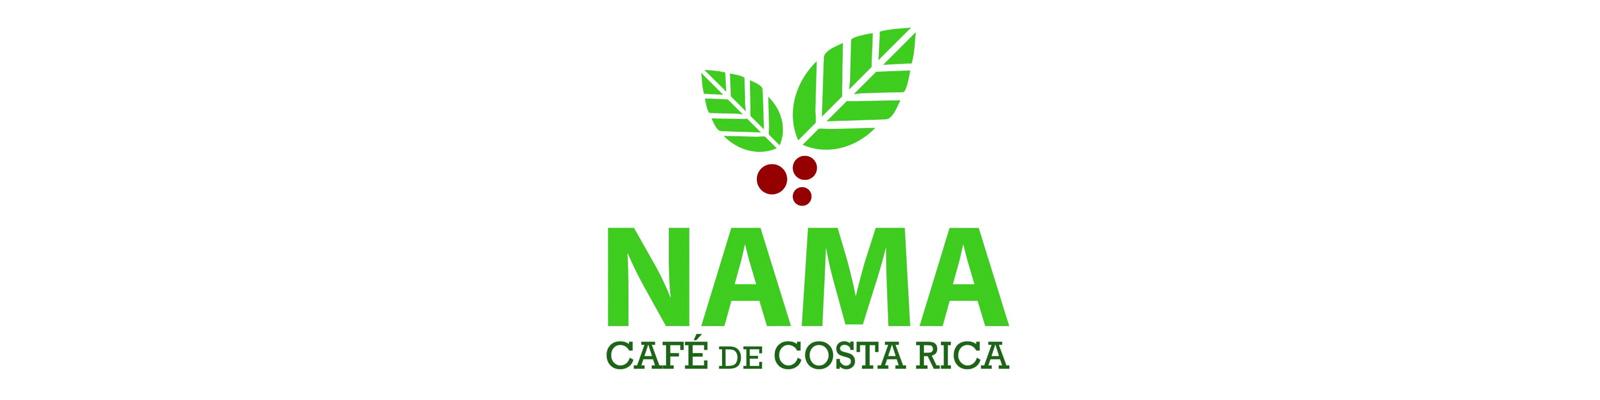 コスタリカのカーボン・ニュートラル・プロジェクト:ナマ・カフェ・デ・コスタリカ(NAMA Café de Costa Rica)